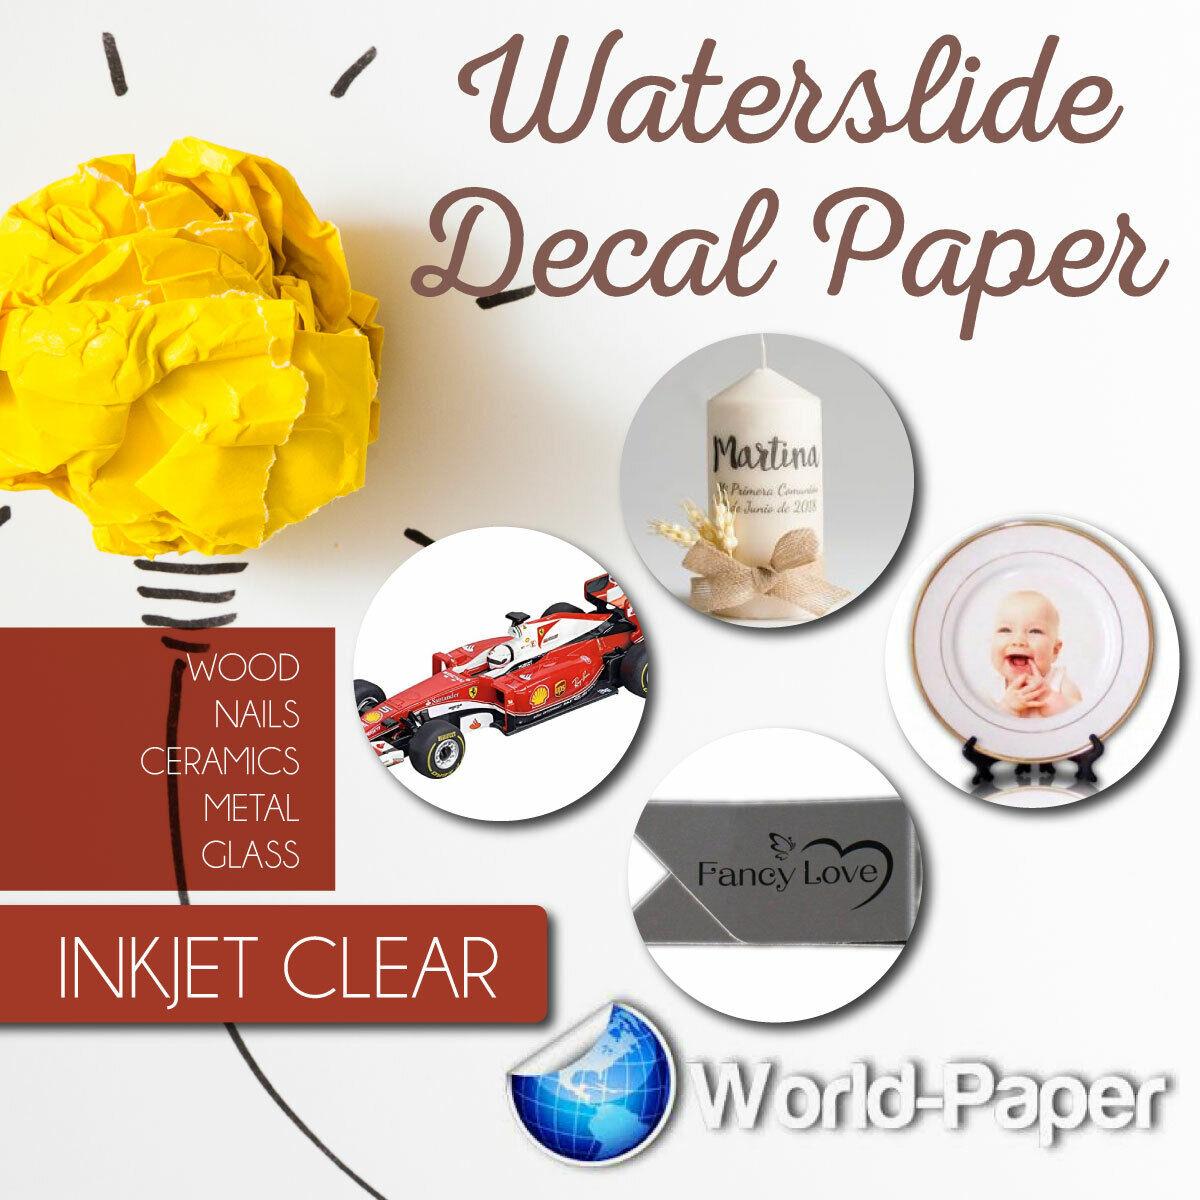 INKJET CLEAR  Waterslide decal  paper DYI -10 sheets 8.5 x